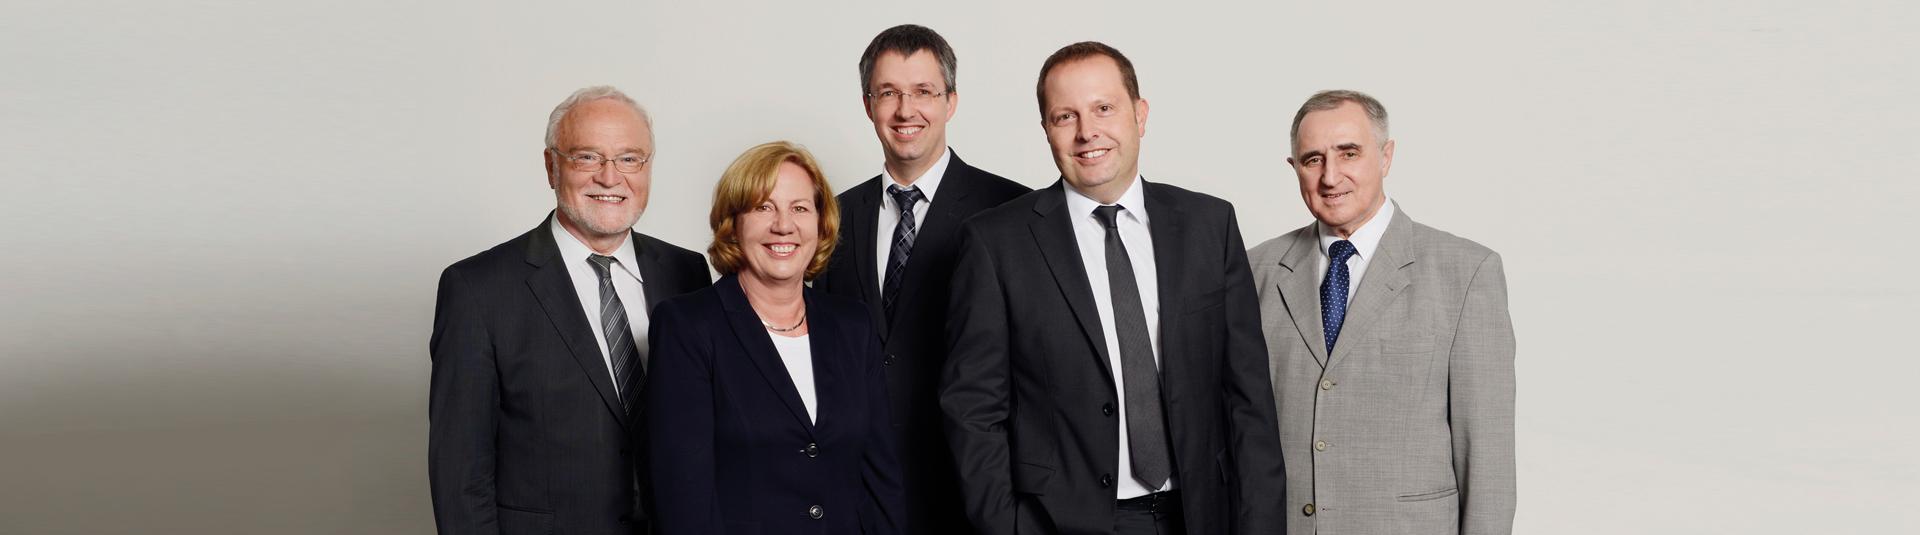 Rechtsanwälte Vaihingen a.d. Enz